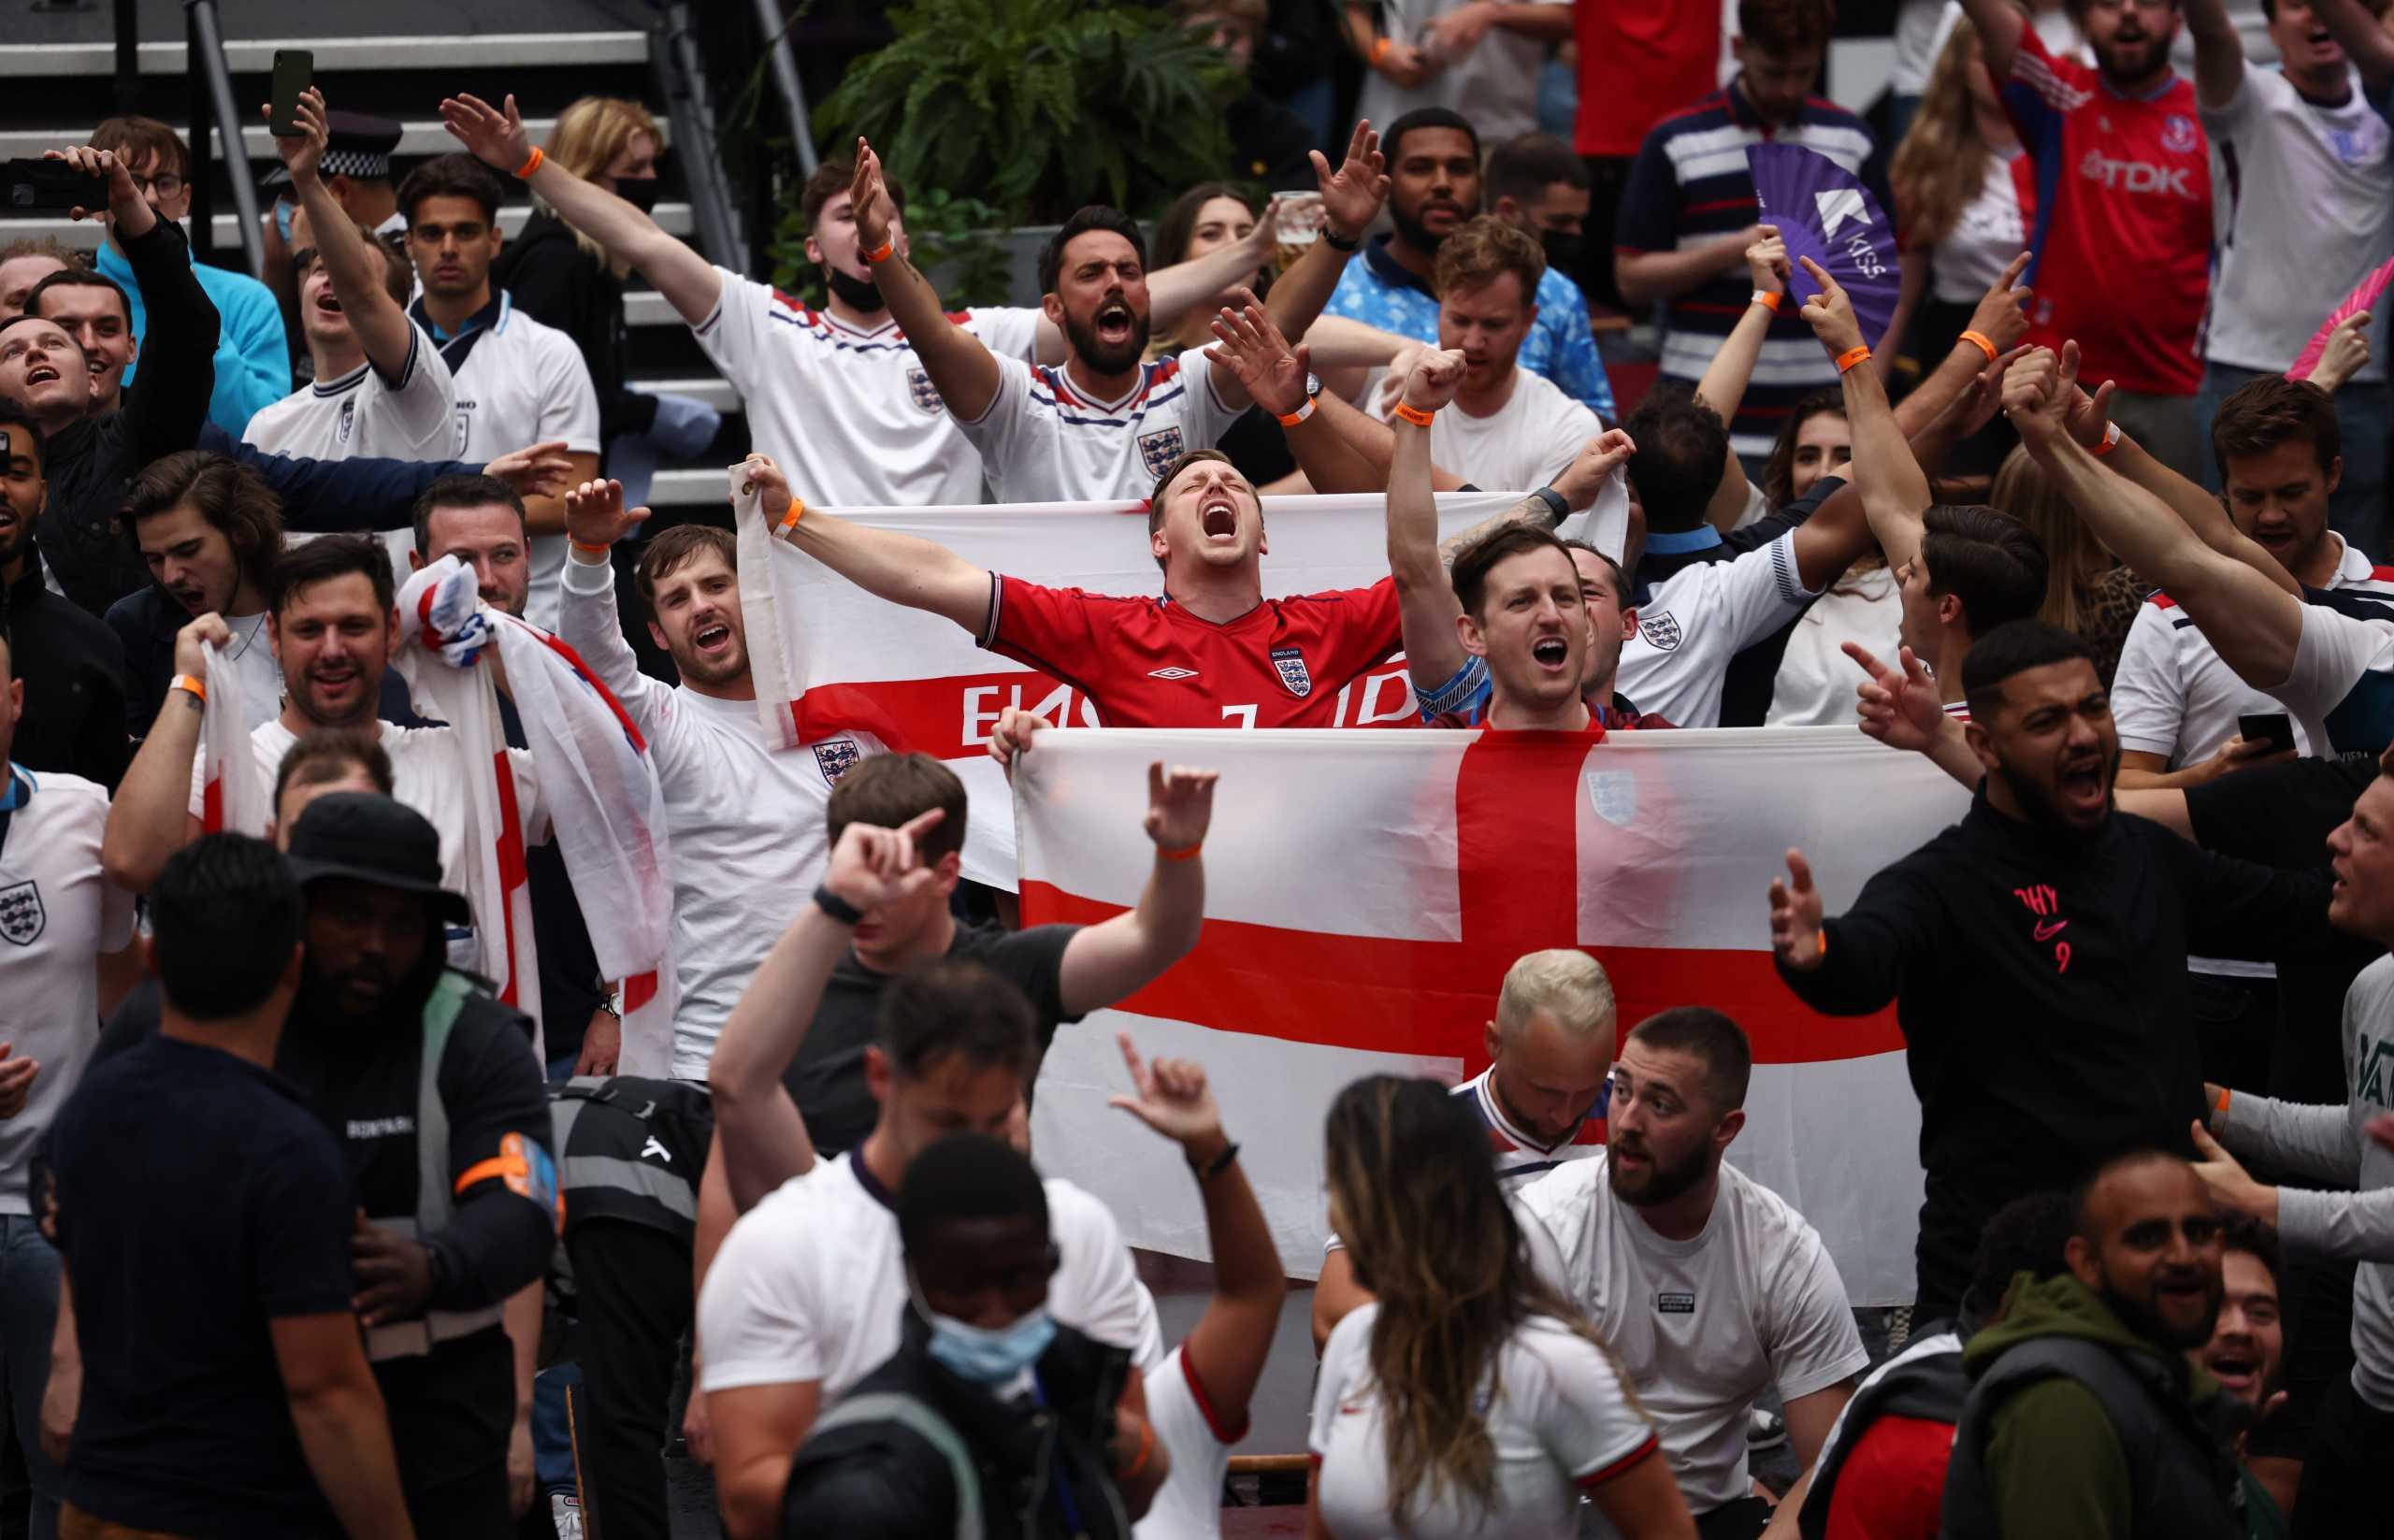 Euro 2020: Ανησυχία από τον ΠΟΥ για τα κρούσματα σε θεατές – «Ίσως είναι εστία υπερμετάδοσης»